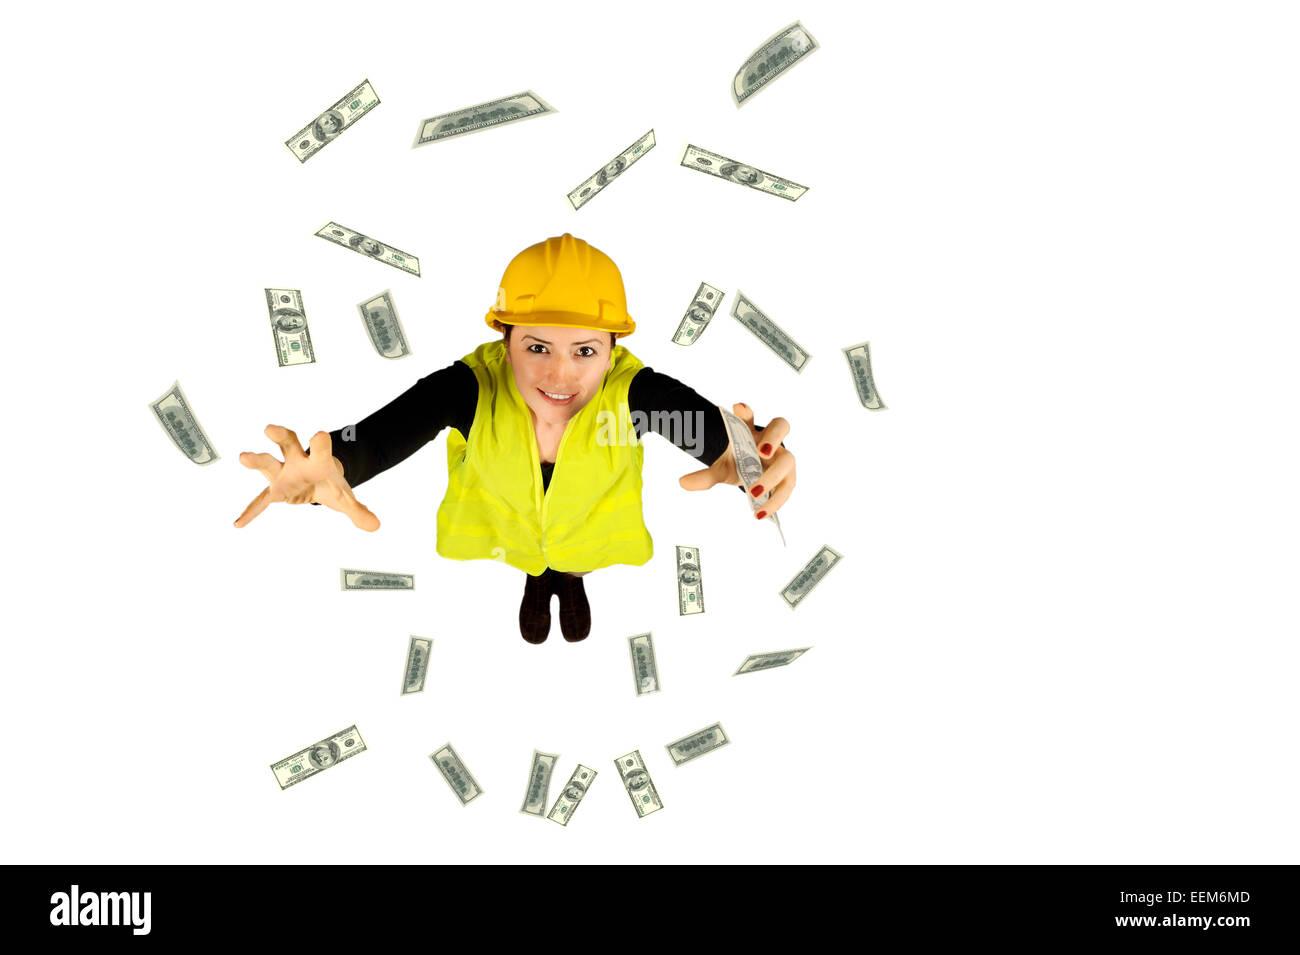 Collare blu dei salari dei lavoratori di denaro dollaro volanti isolati su sfondo bianco Immagini Stock